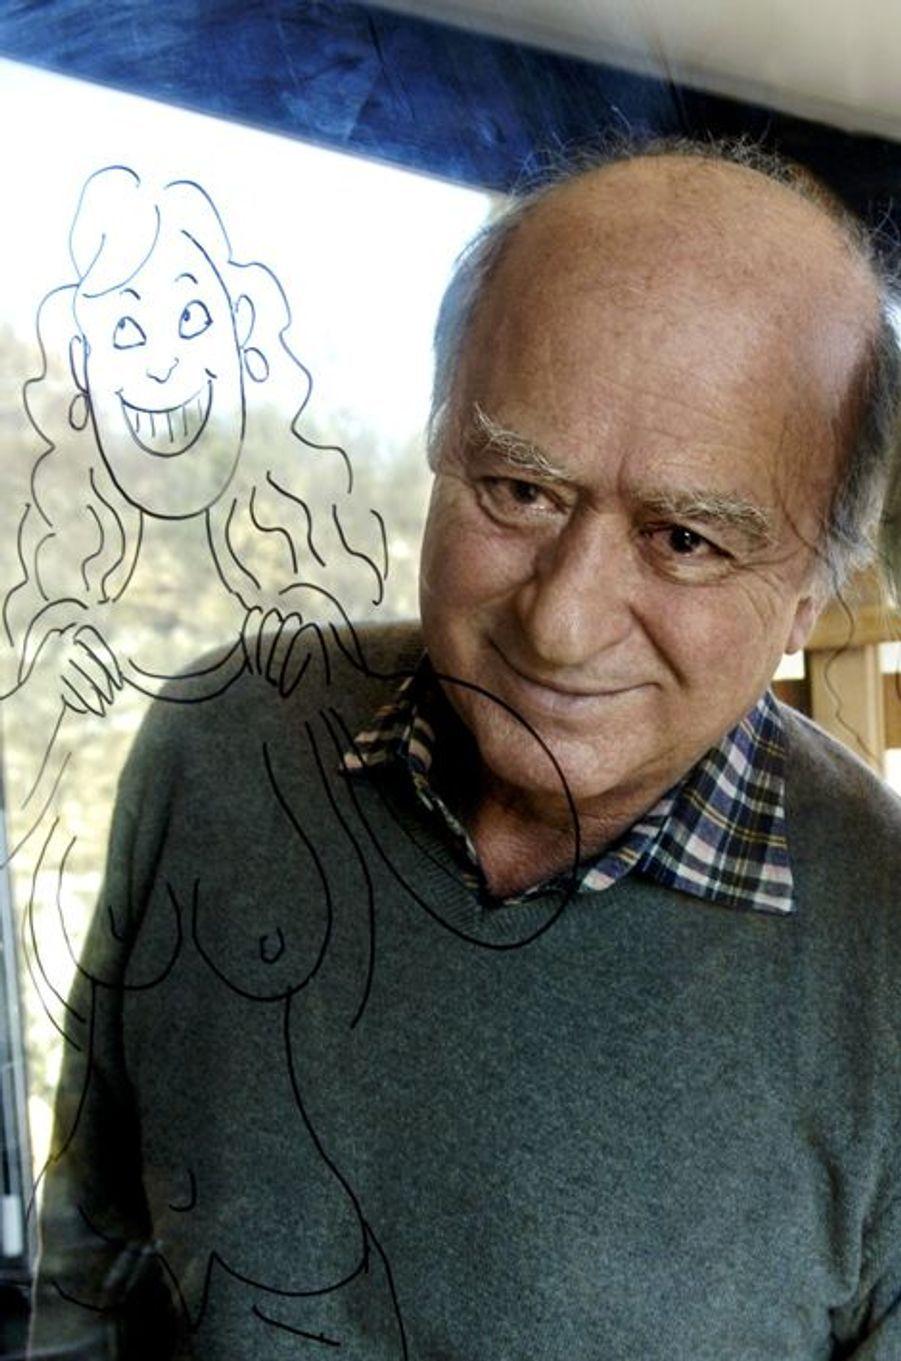 Georges WOLINSKI derrière une vitre en transparence sur laquelle une jolie fille de la main de Wolinski exhibe sa poitrine.